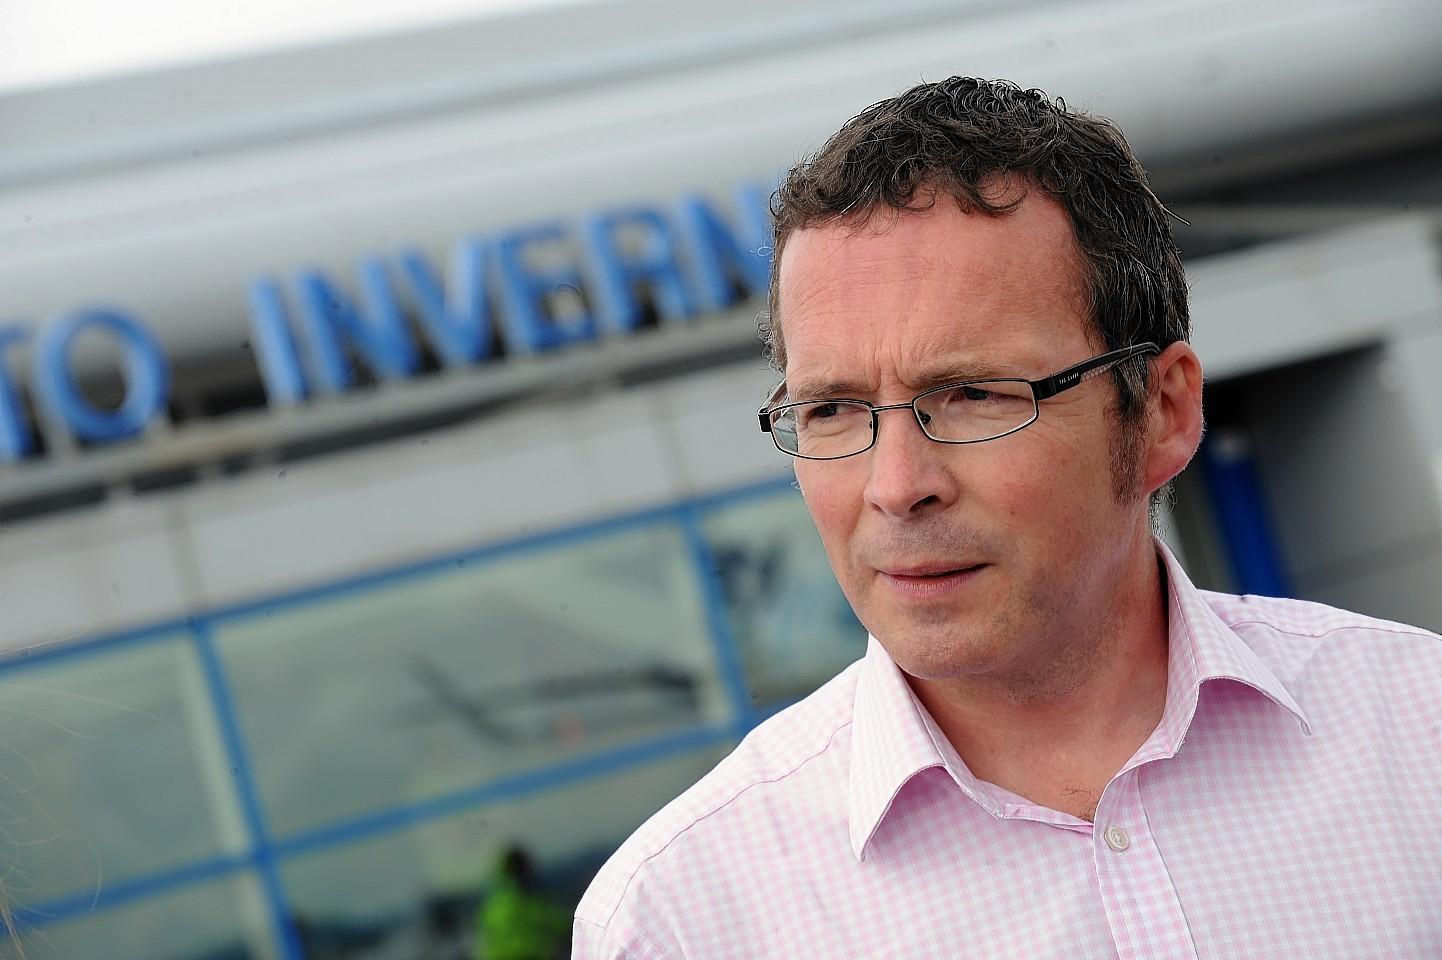 HIAL managing director Inglis Lyon